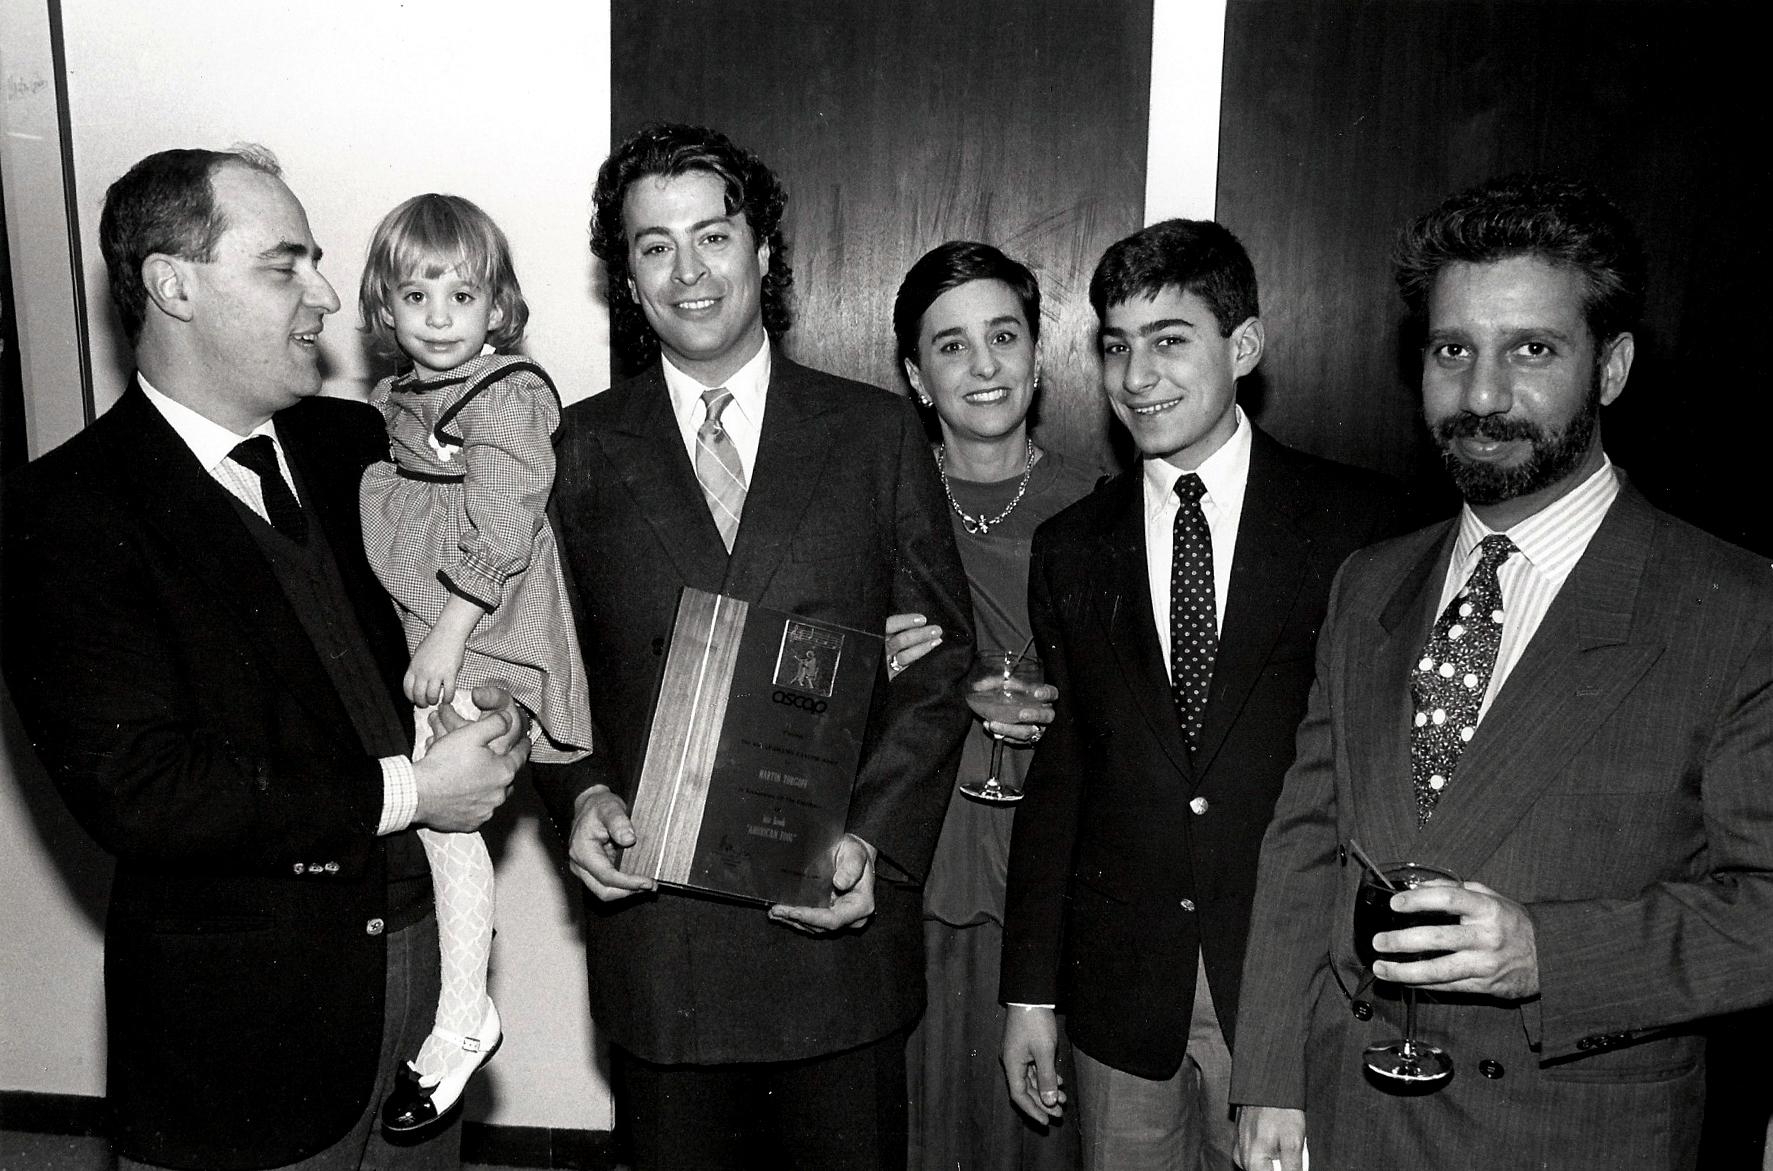 Receiving the ASCAP Deems Taylor Award, 1987